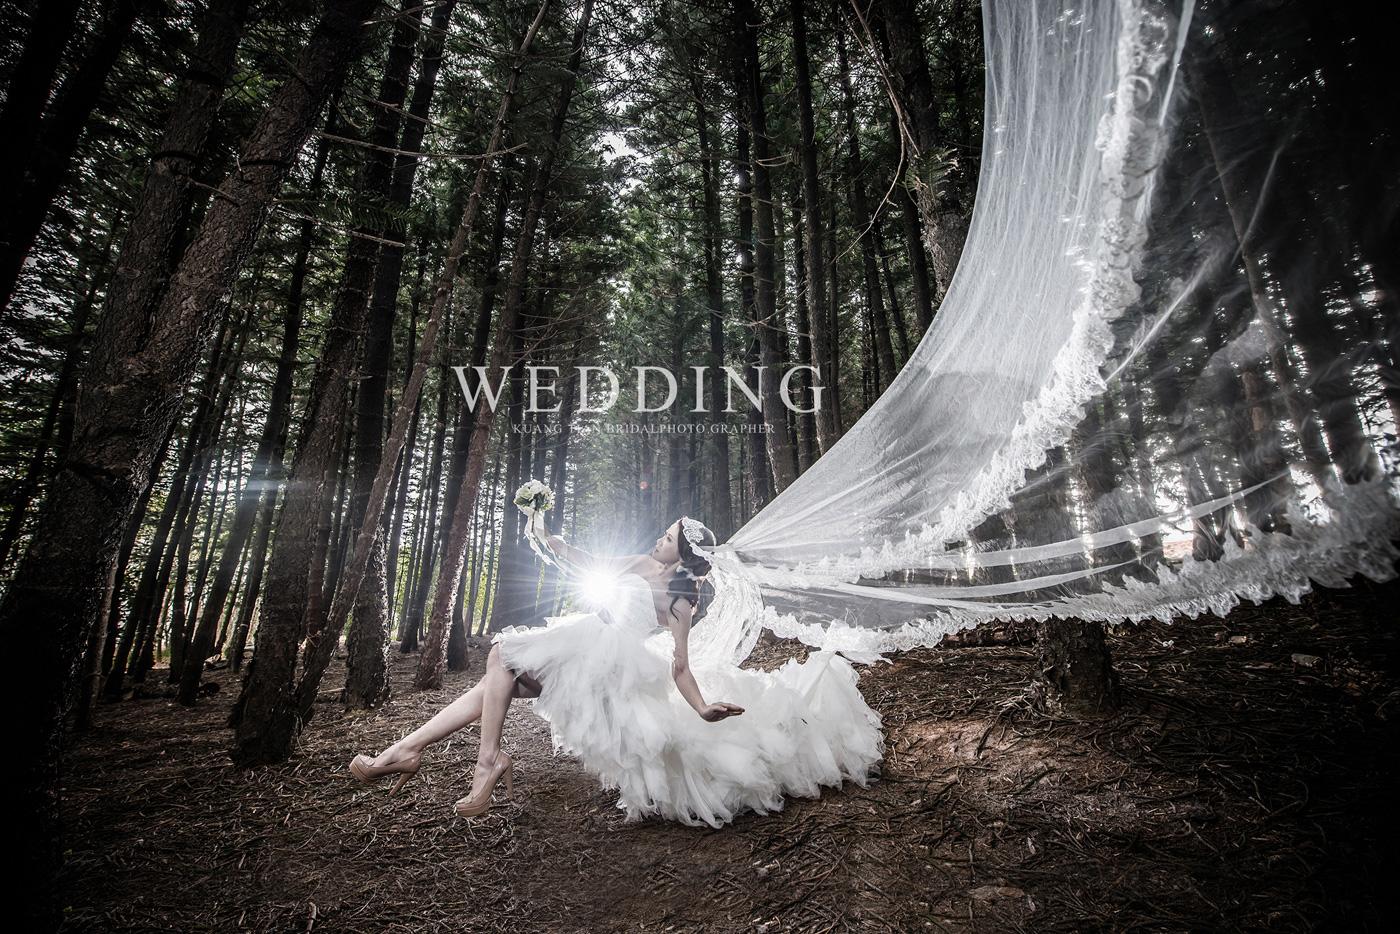 婚禮紀錄/婚紗攝影/自助婚紗/台北婚攝/孕婦寫真/寶寶寫真/攝影精選